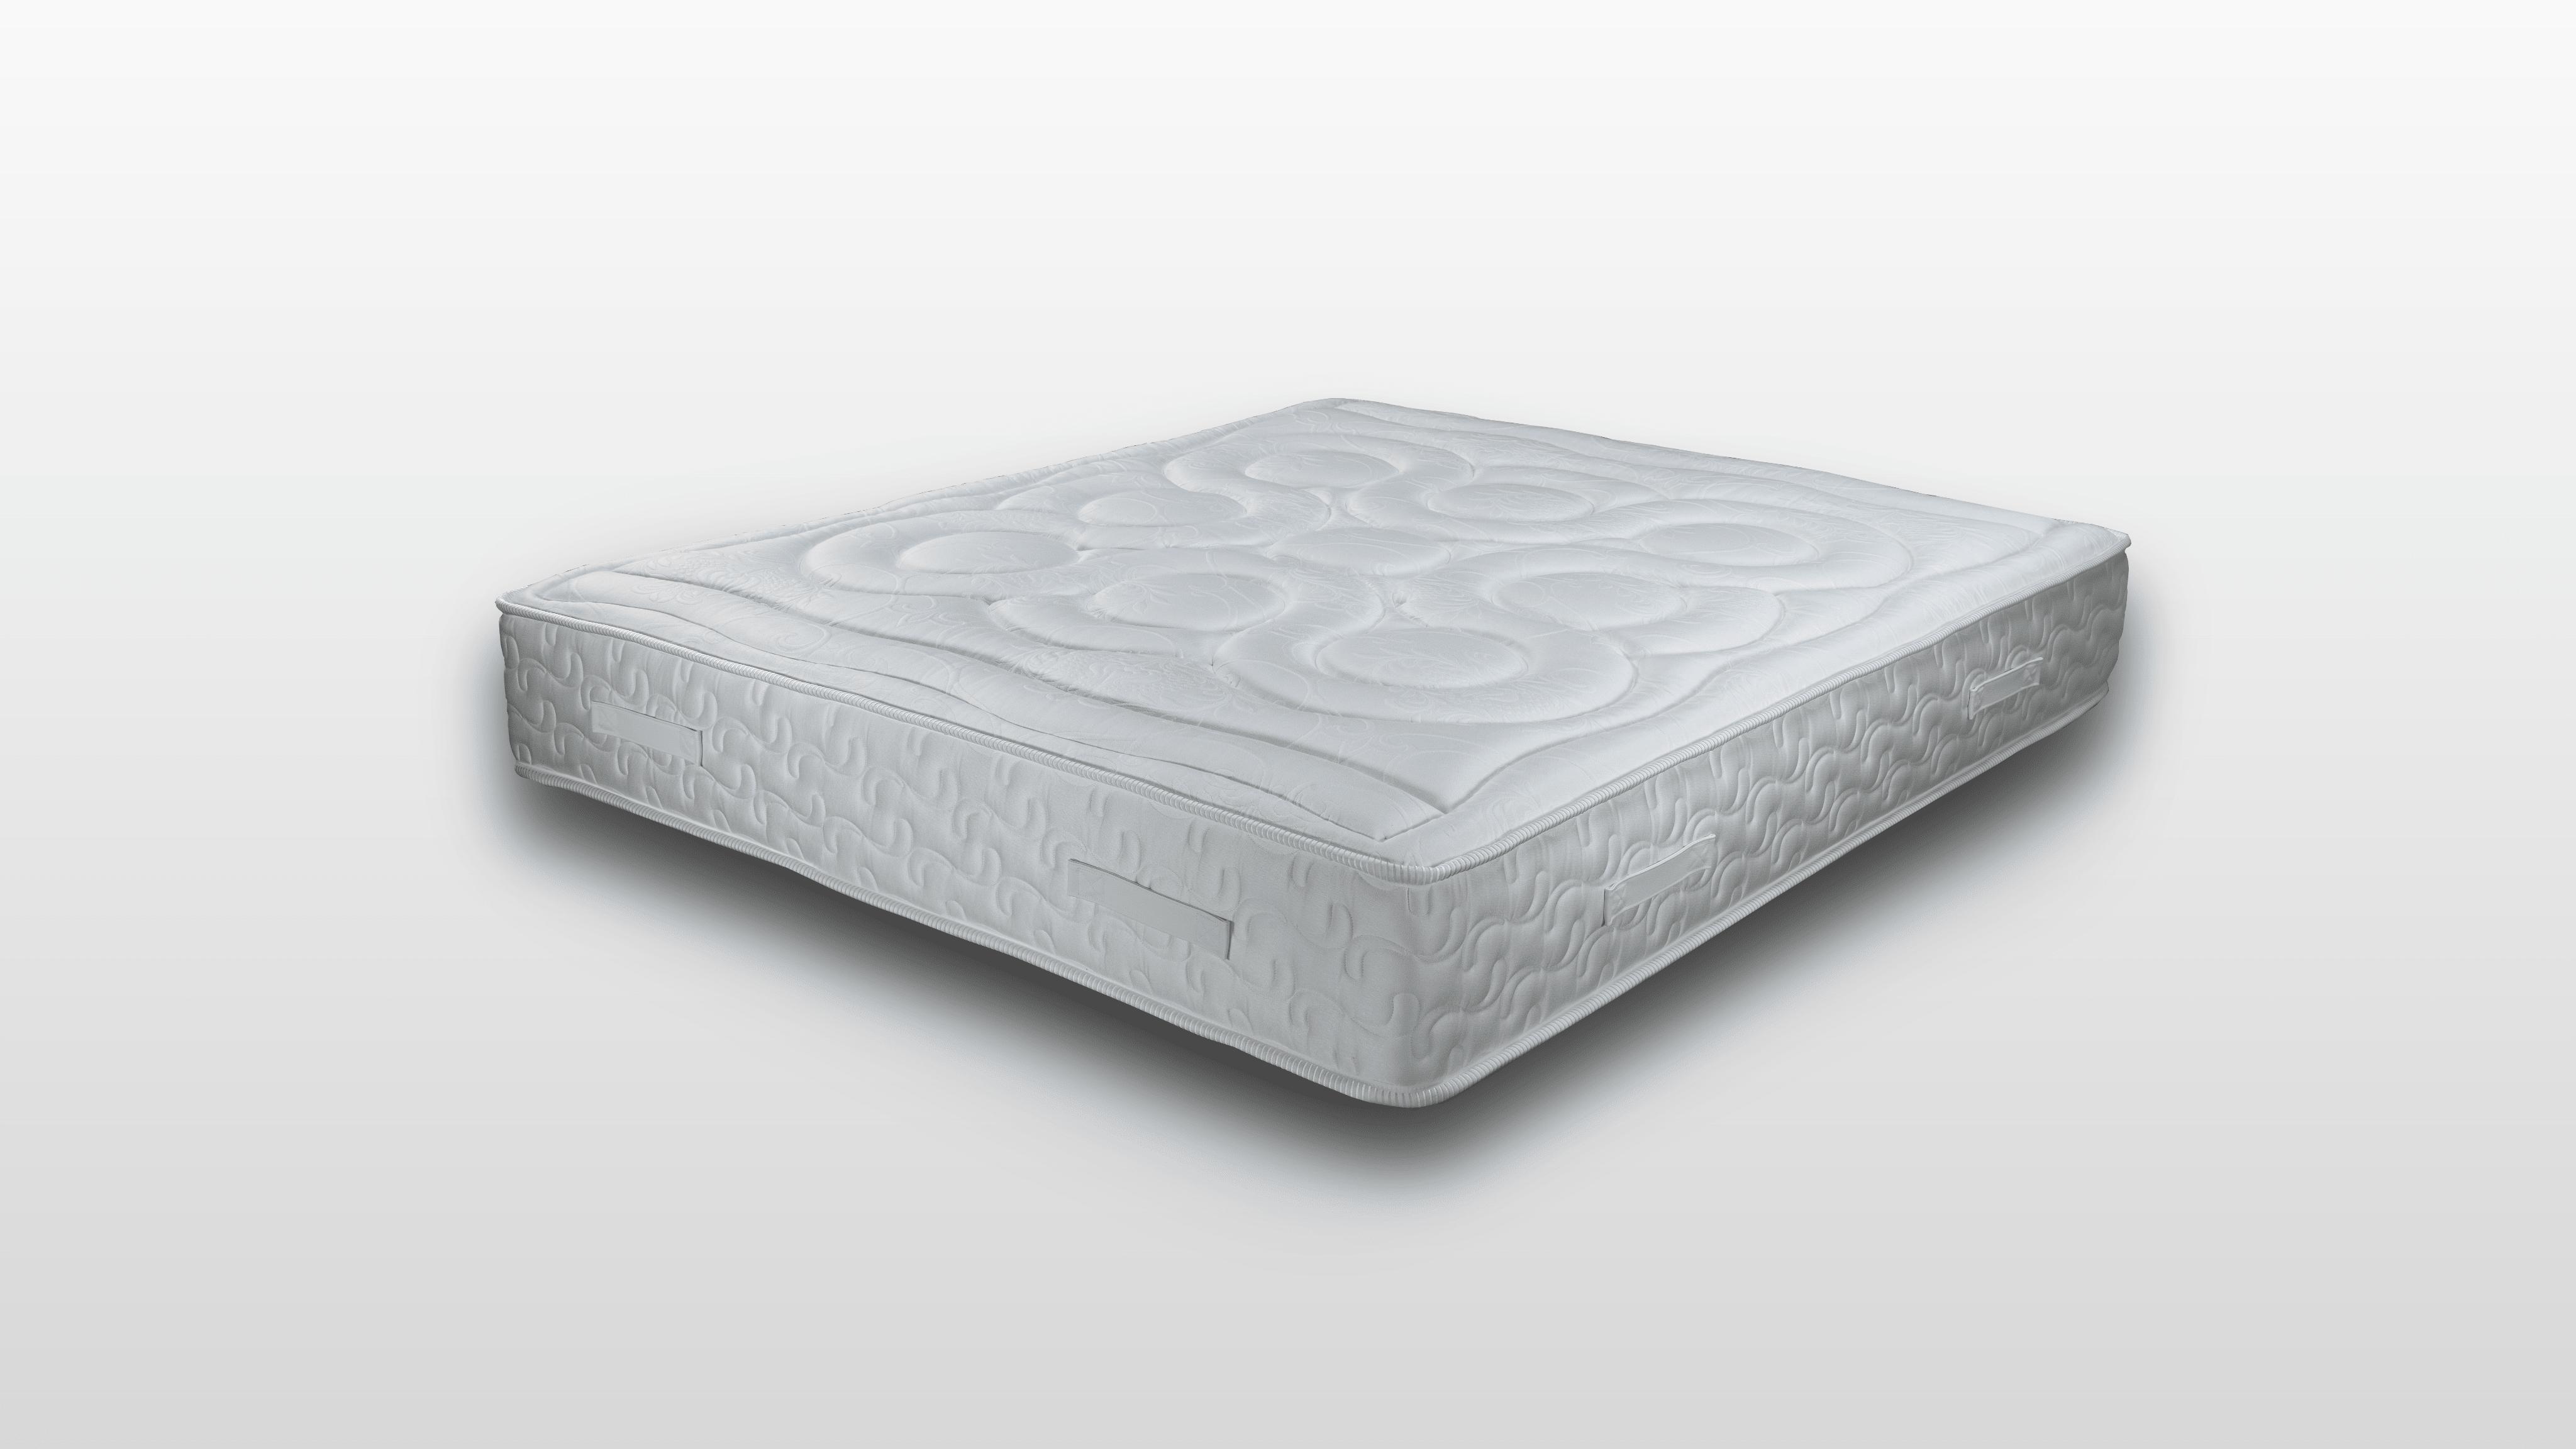 Quali Sono I Materassi Migliori Per Dormire.Materassi Migliori Dubbi E Chiarimenti Come Si Fa Per Sceglierlo